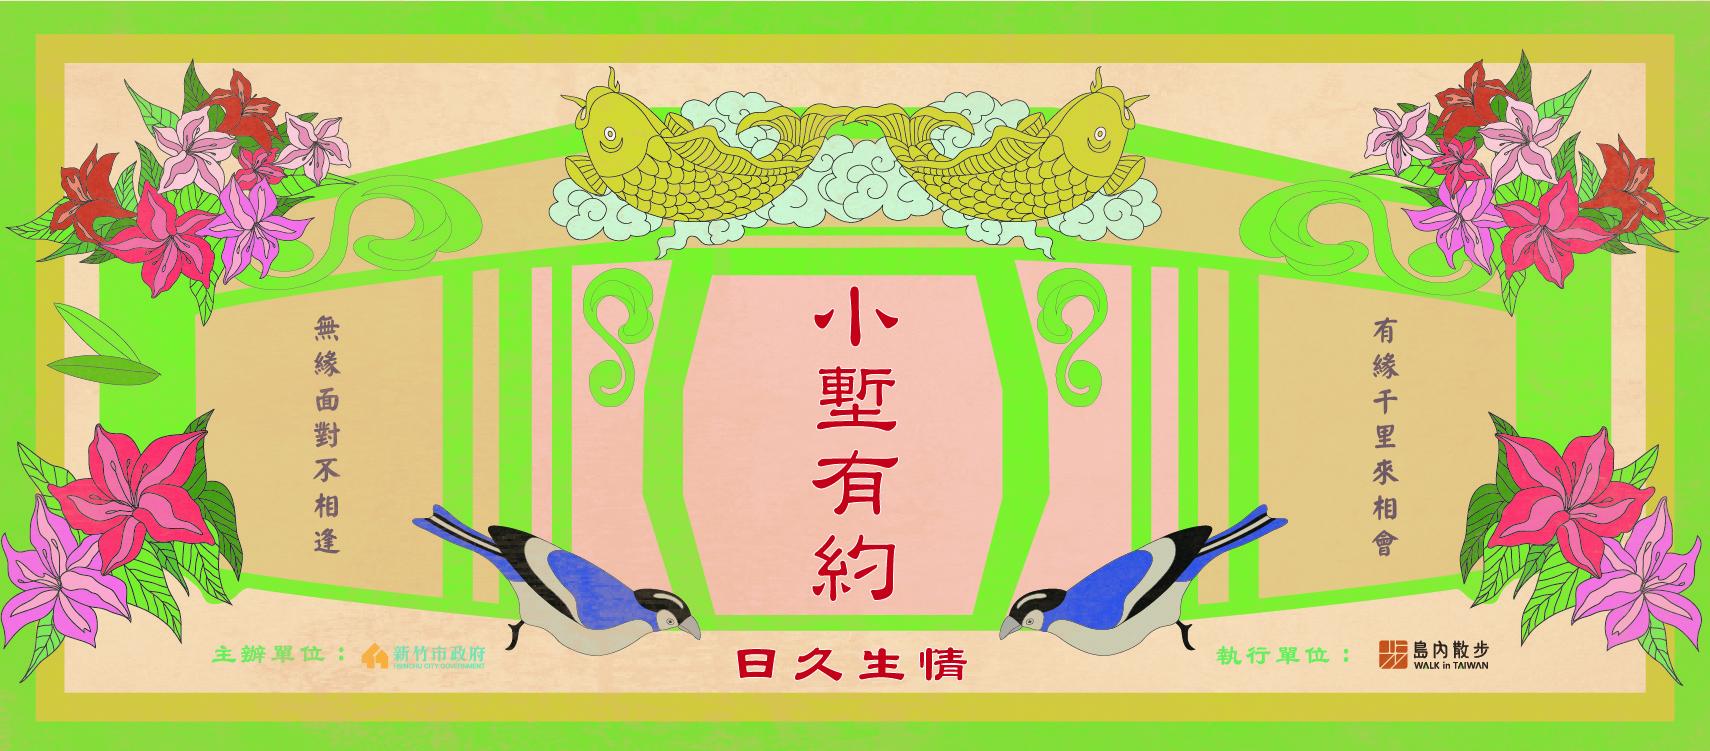 小塹主視覺banner 0602-01.jpg